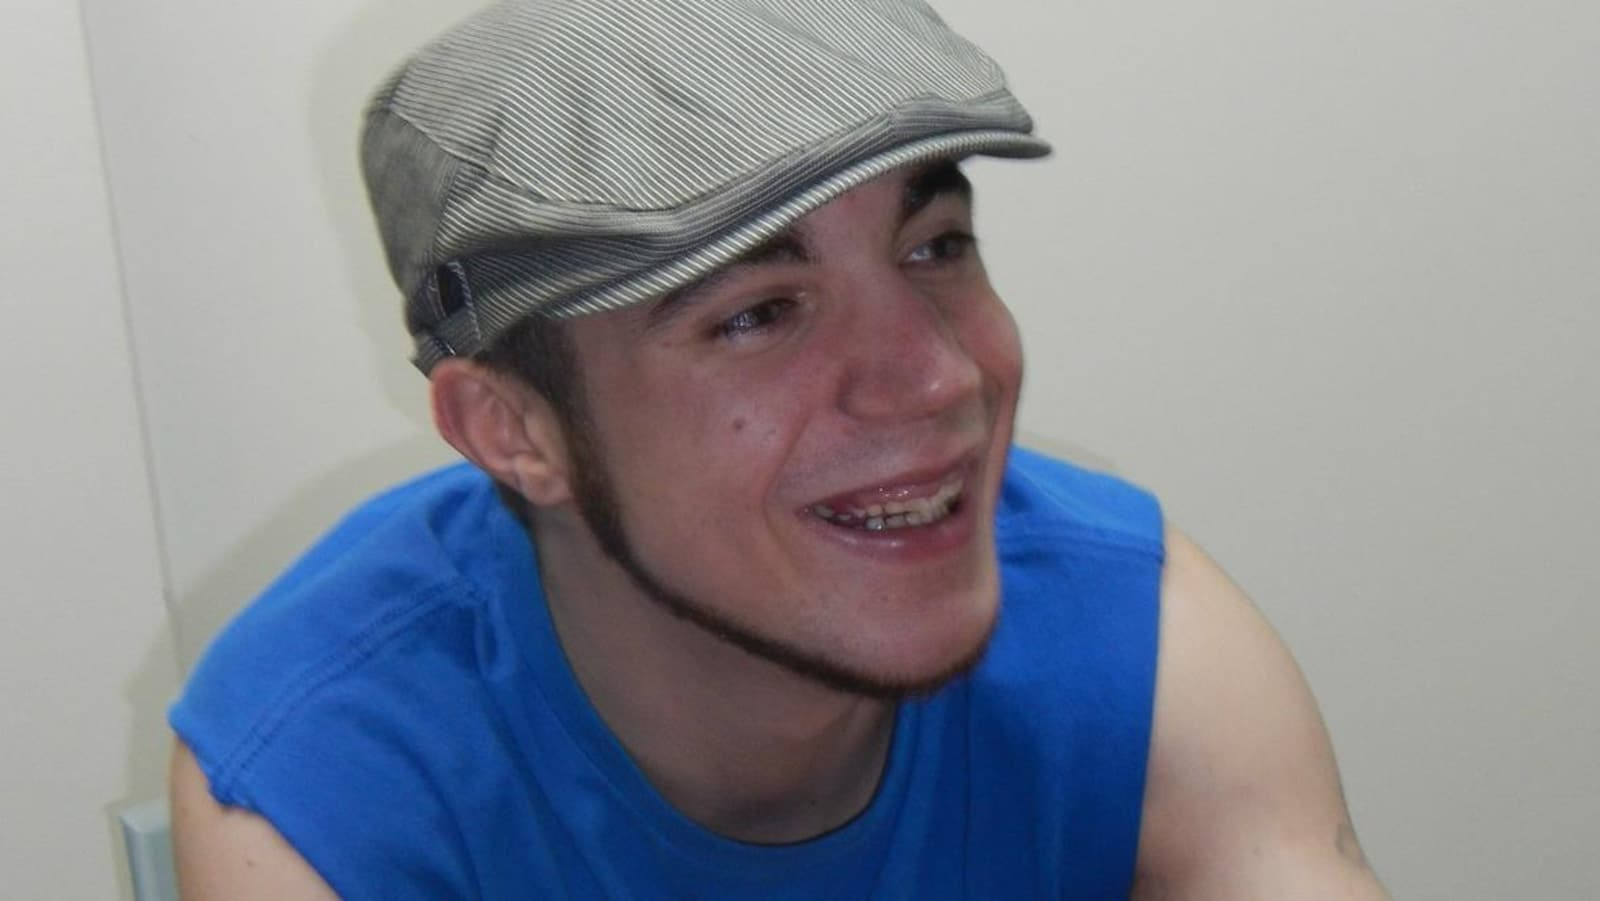 Vue sur un jeune homme qui sourit avec un chandail et une casquette.